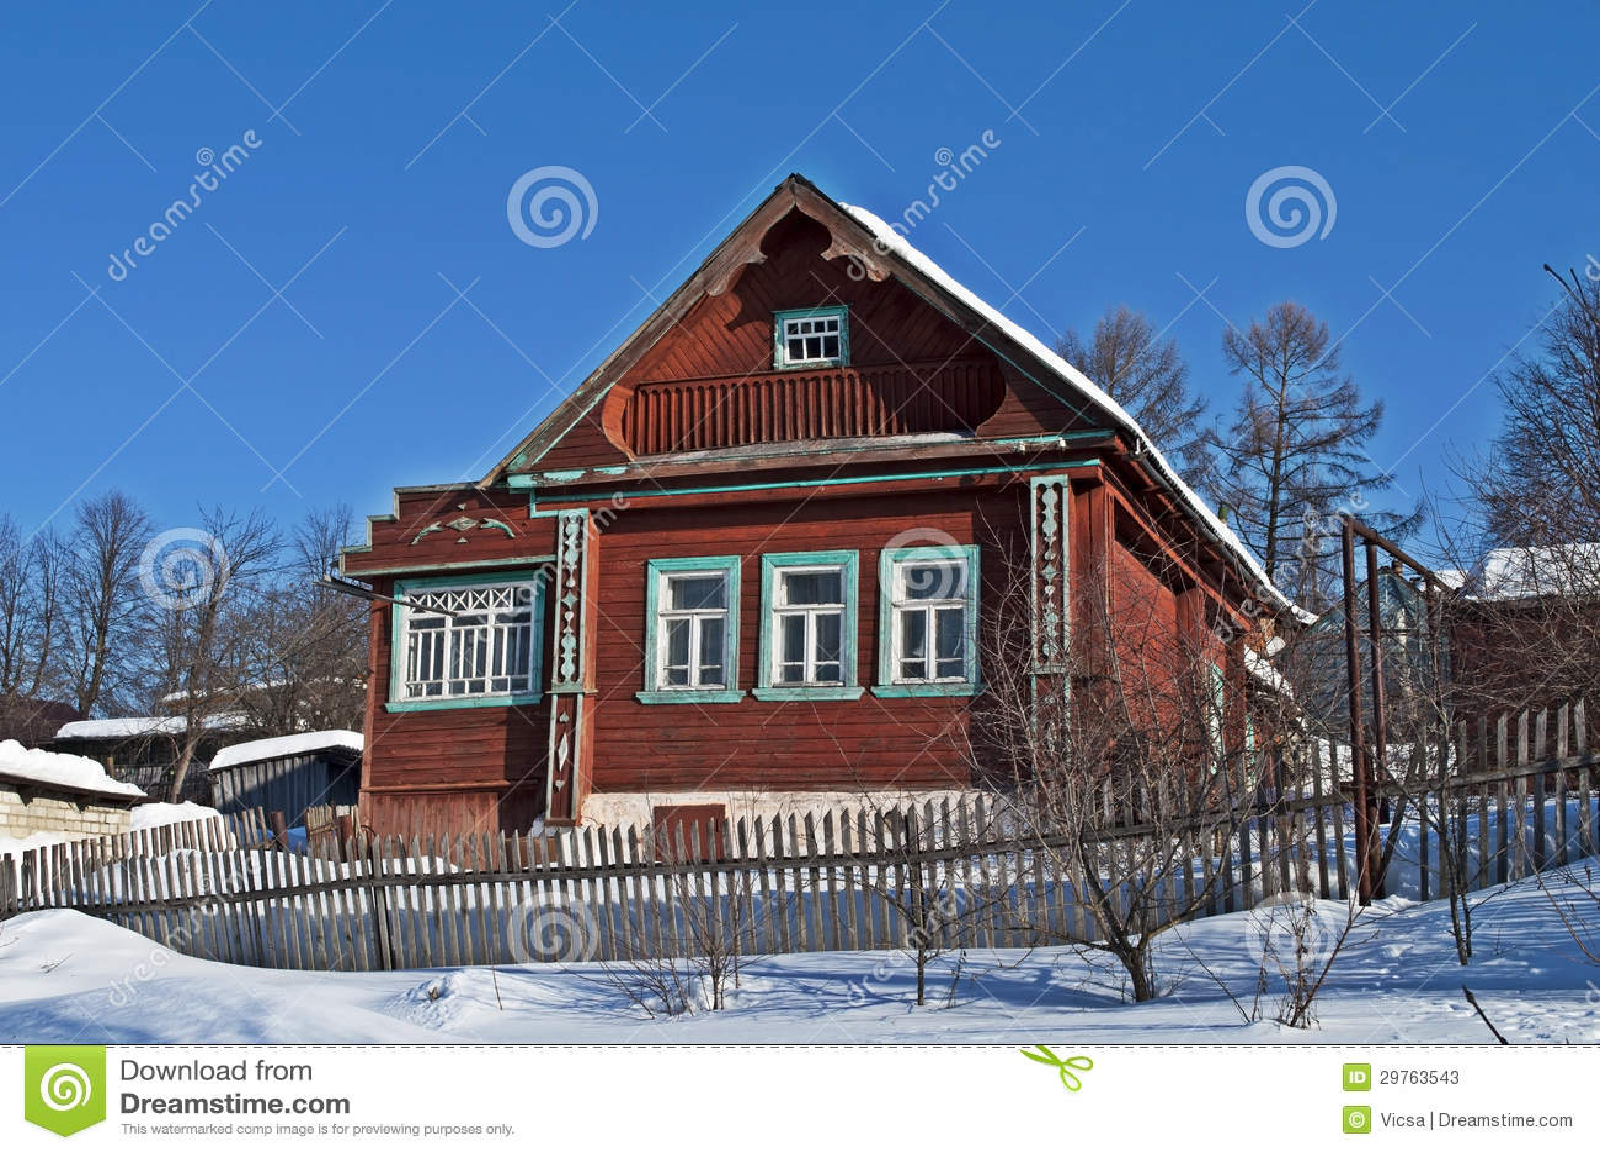 petite maison en bois sous la neige image stock image du. Black Bedroom Furniture Sets. Home Design Ideas